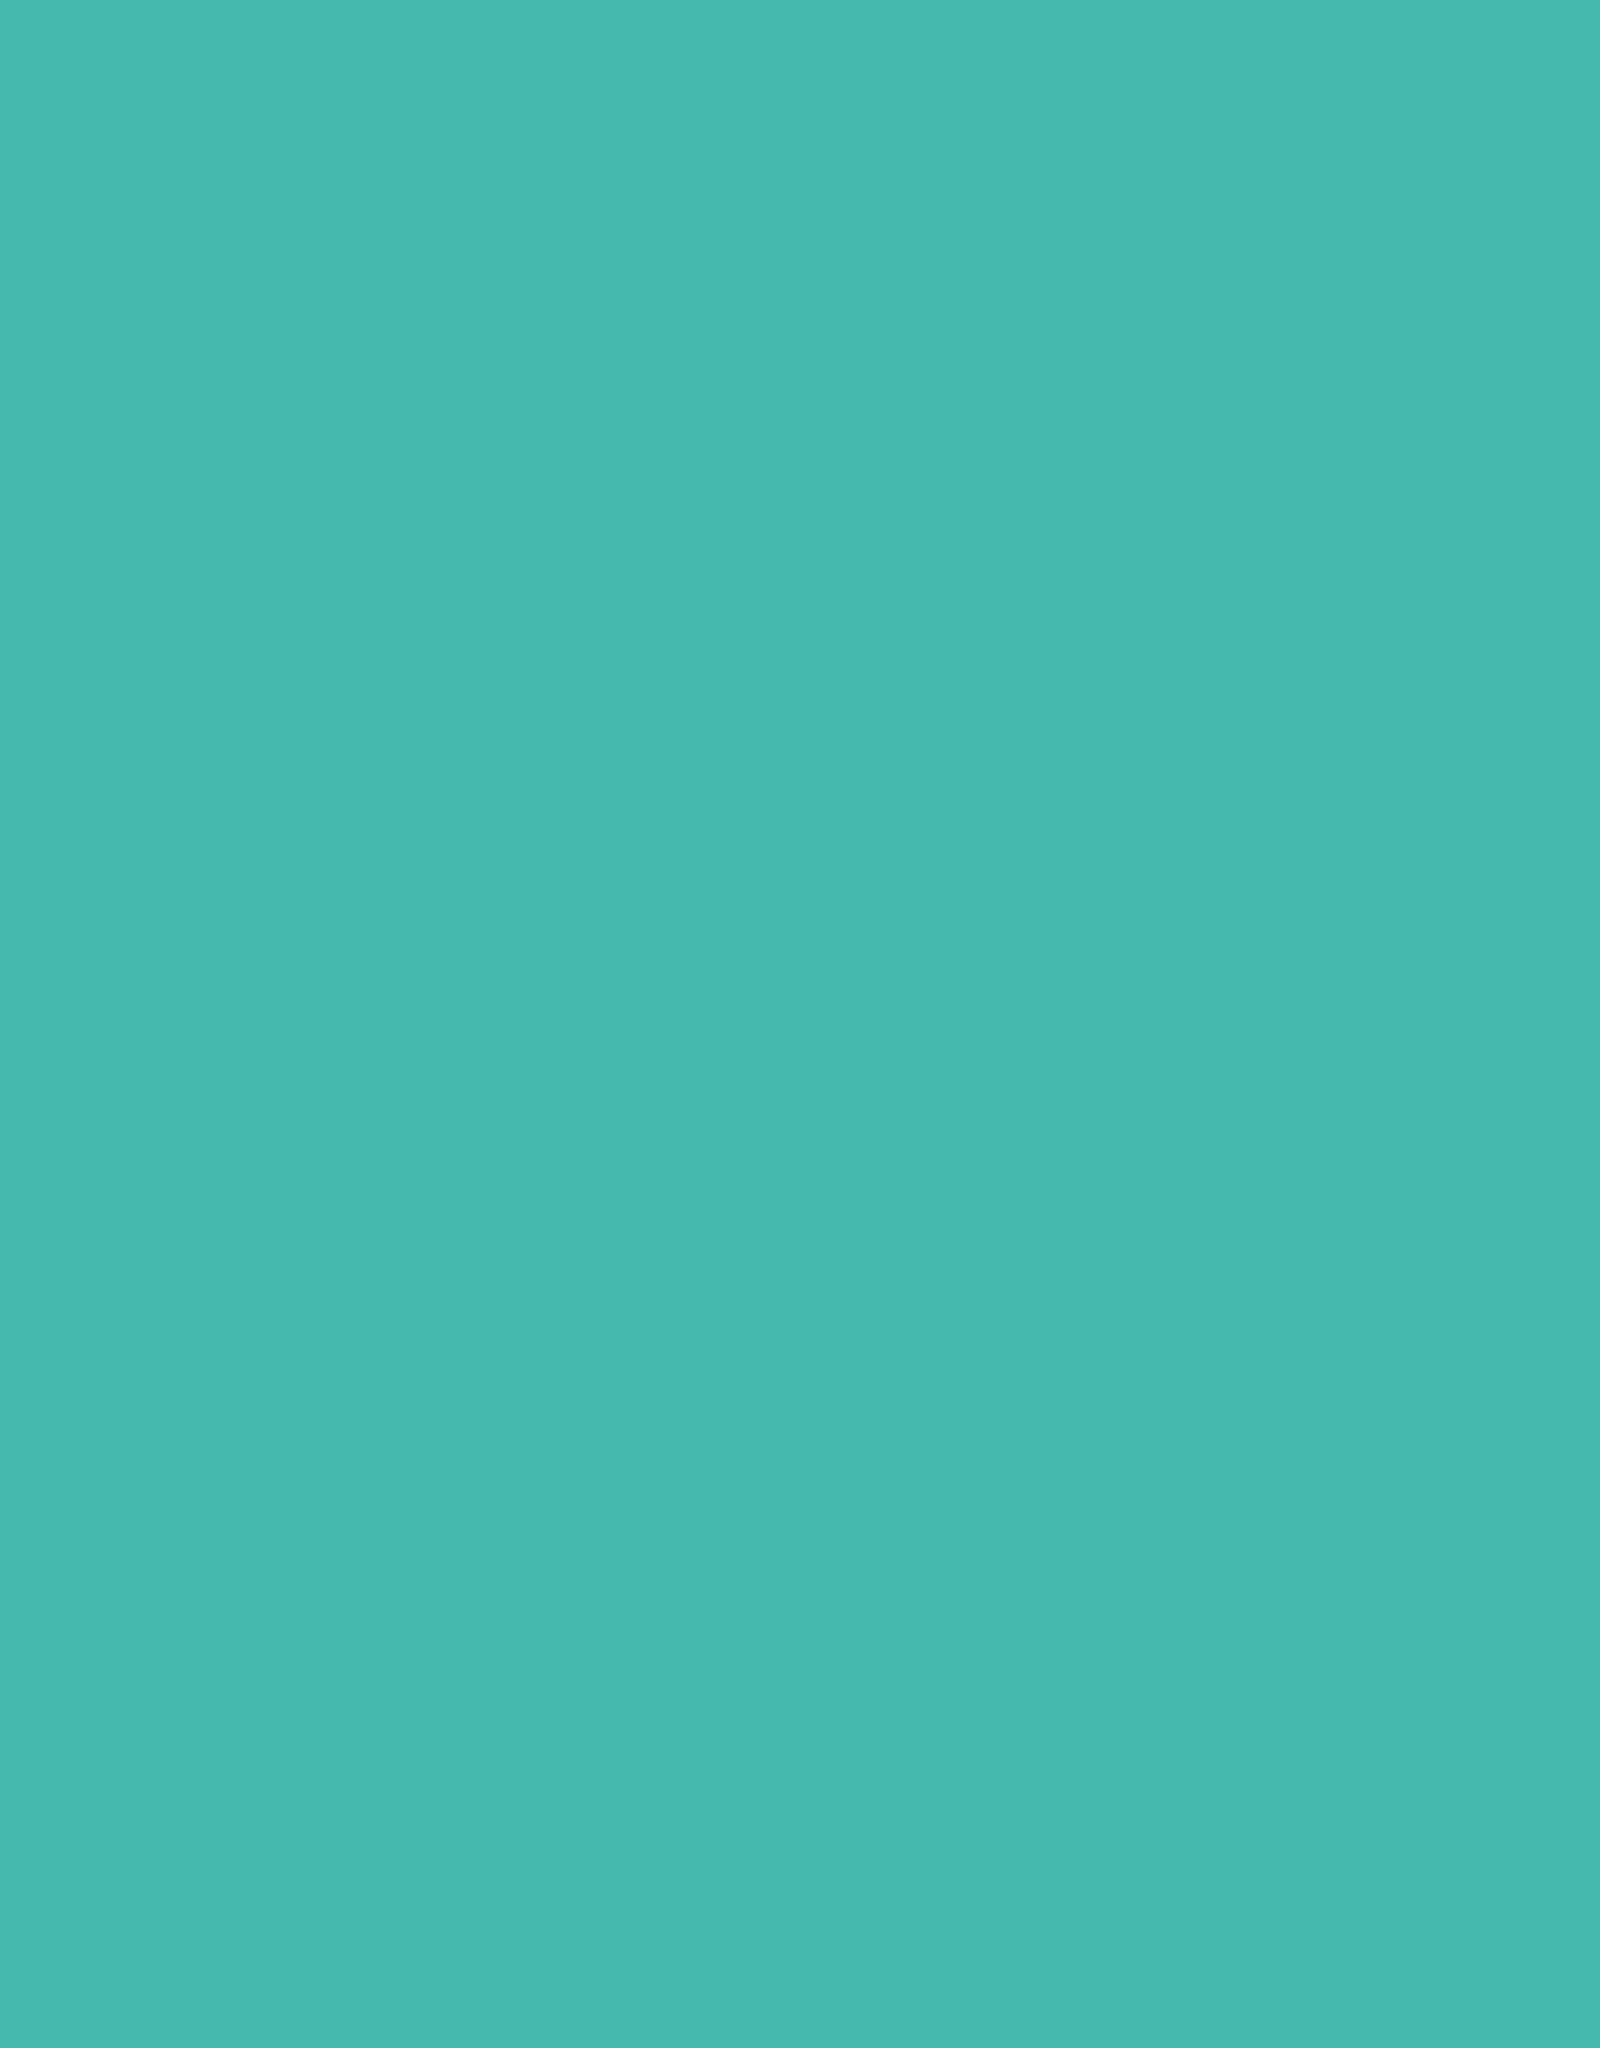 Trapsuutjies Textile Paint Aqua (opaque) L